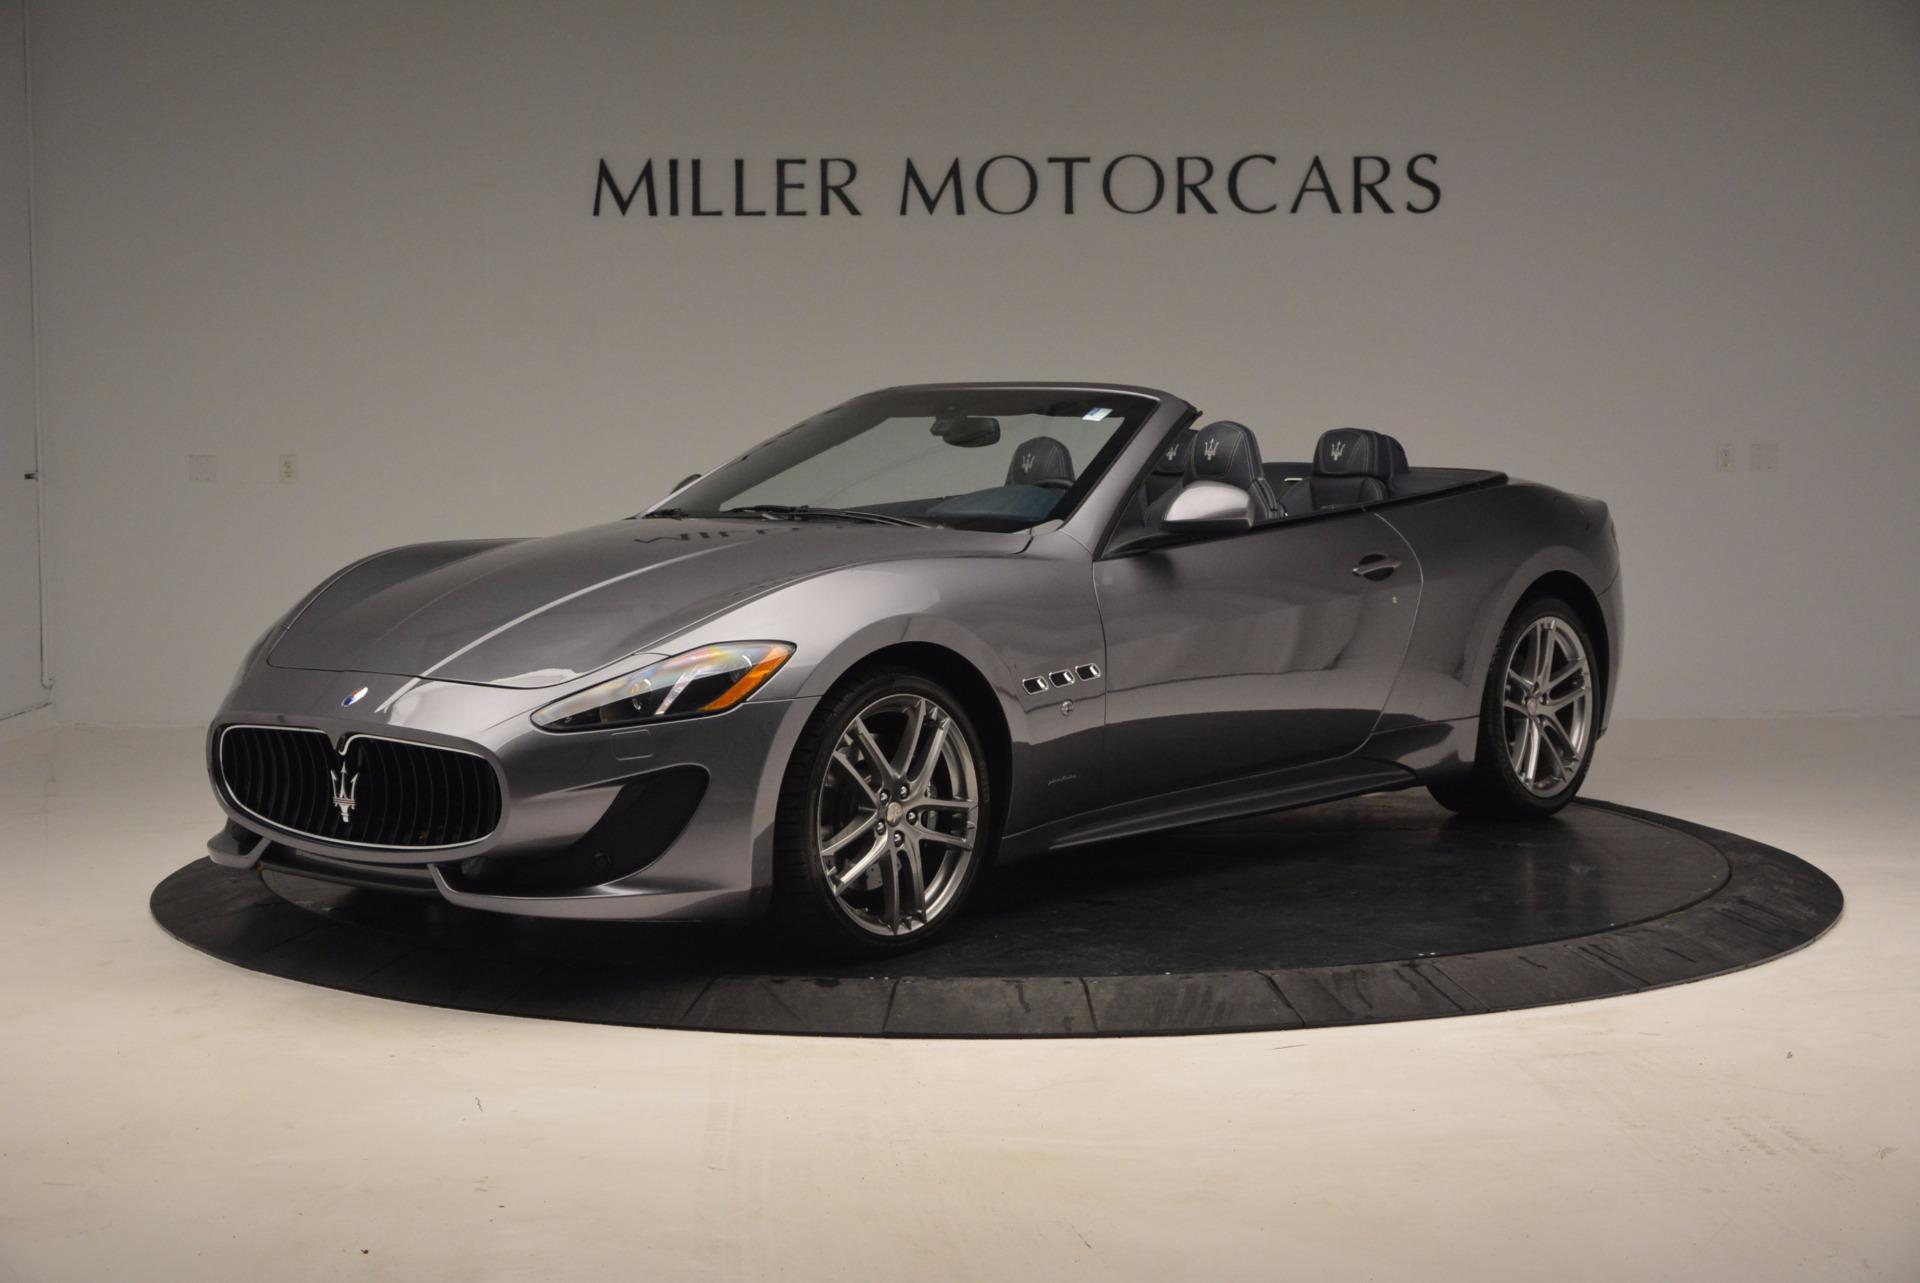 New 2016 Maserati GranTurismo Convertible Sport For Sale In Greenwich, CT 154_p3